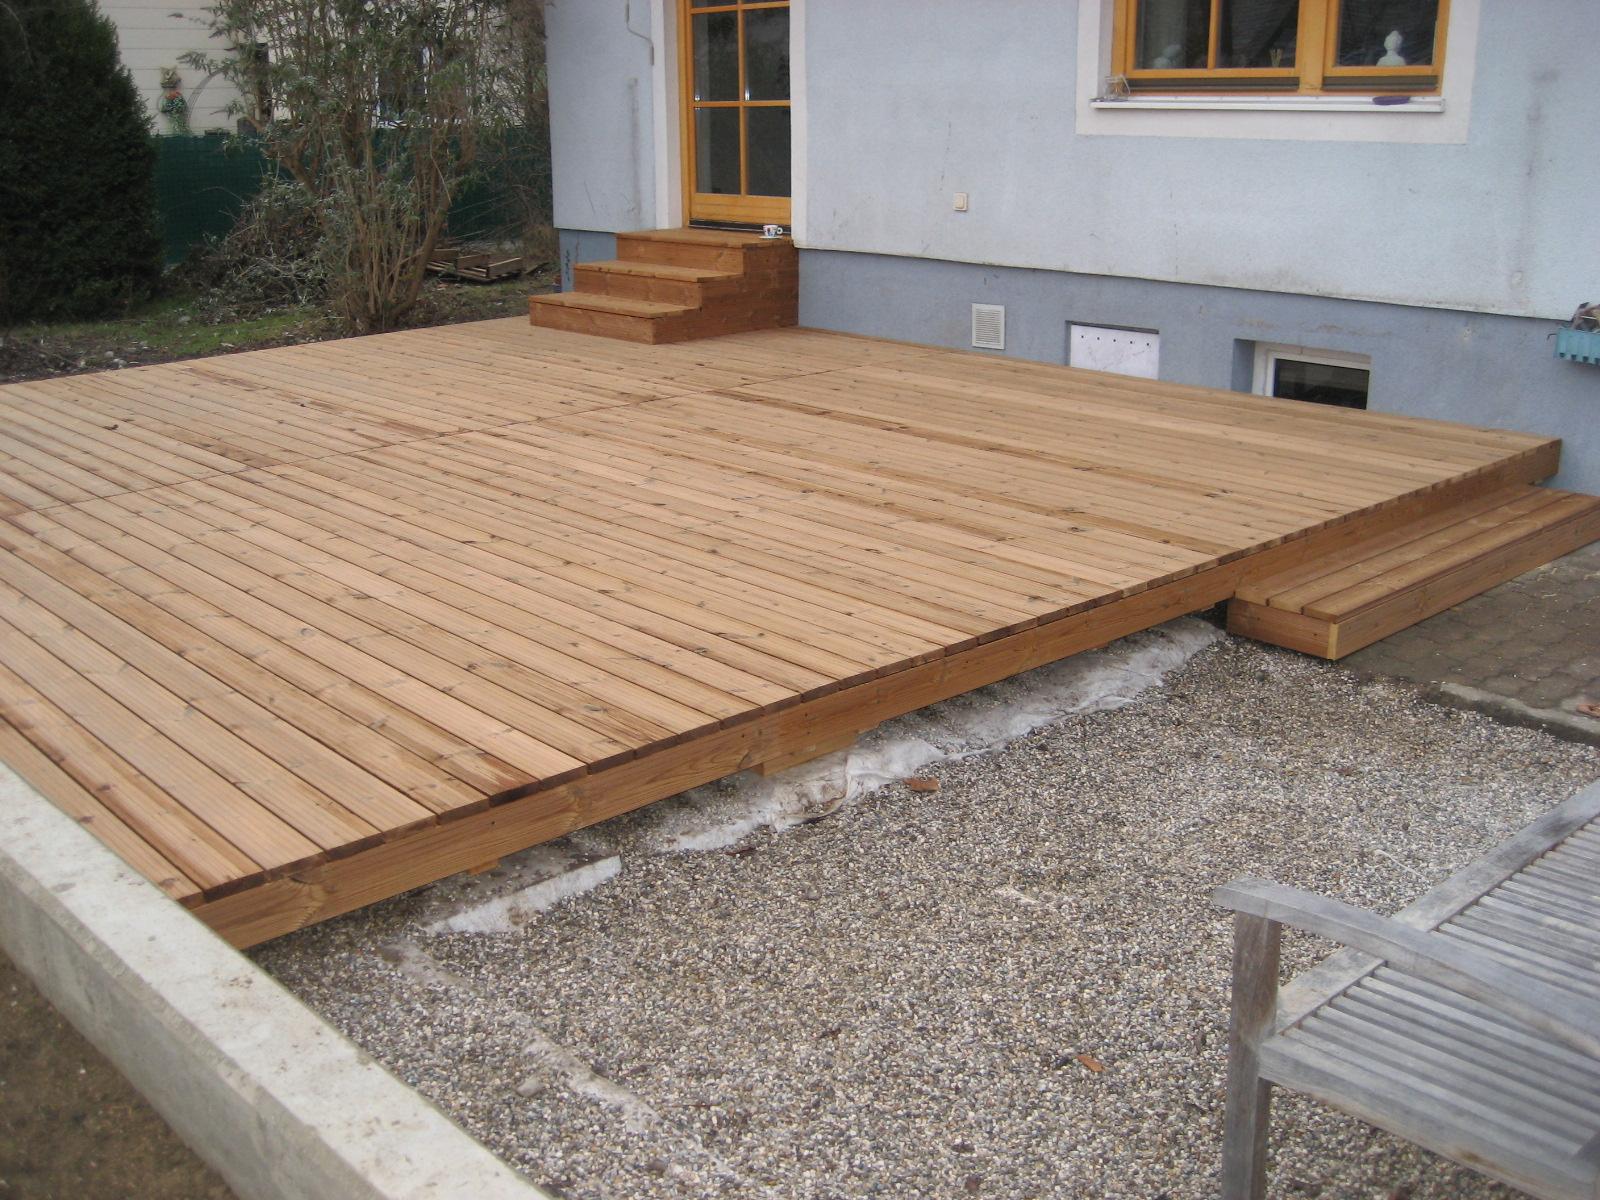 Terrasse mit Thermo- Kiefer Dielen